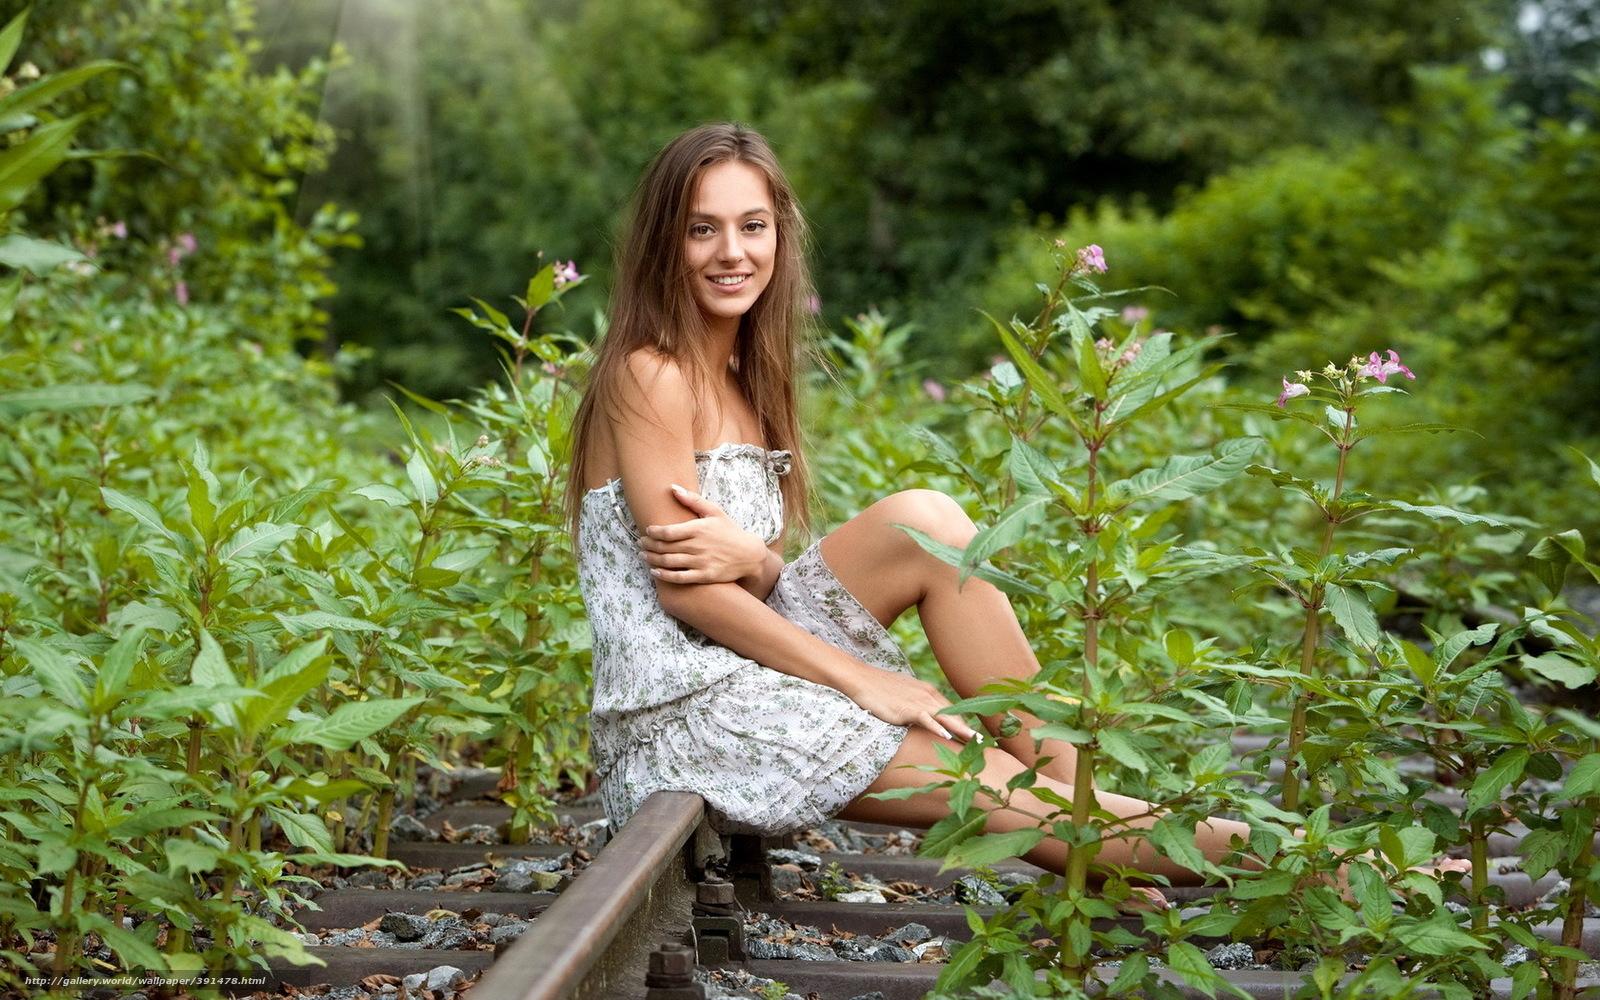 Фото сиксуальная девушка сидит на траве 19 фотография